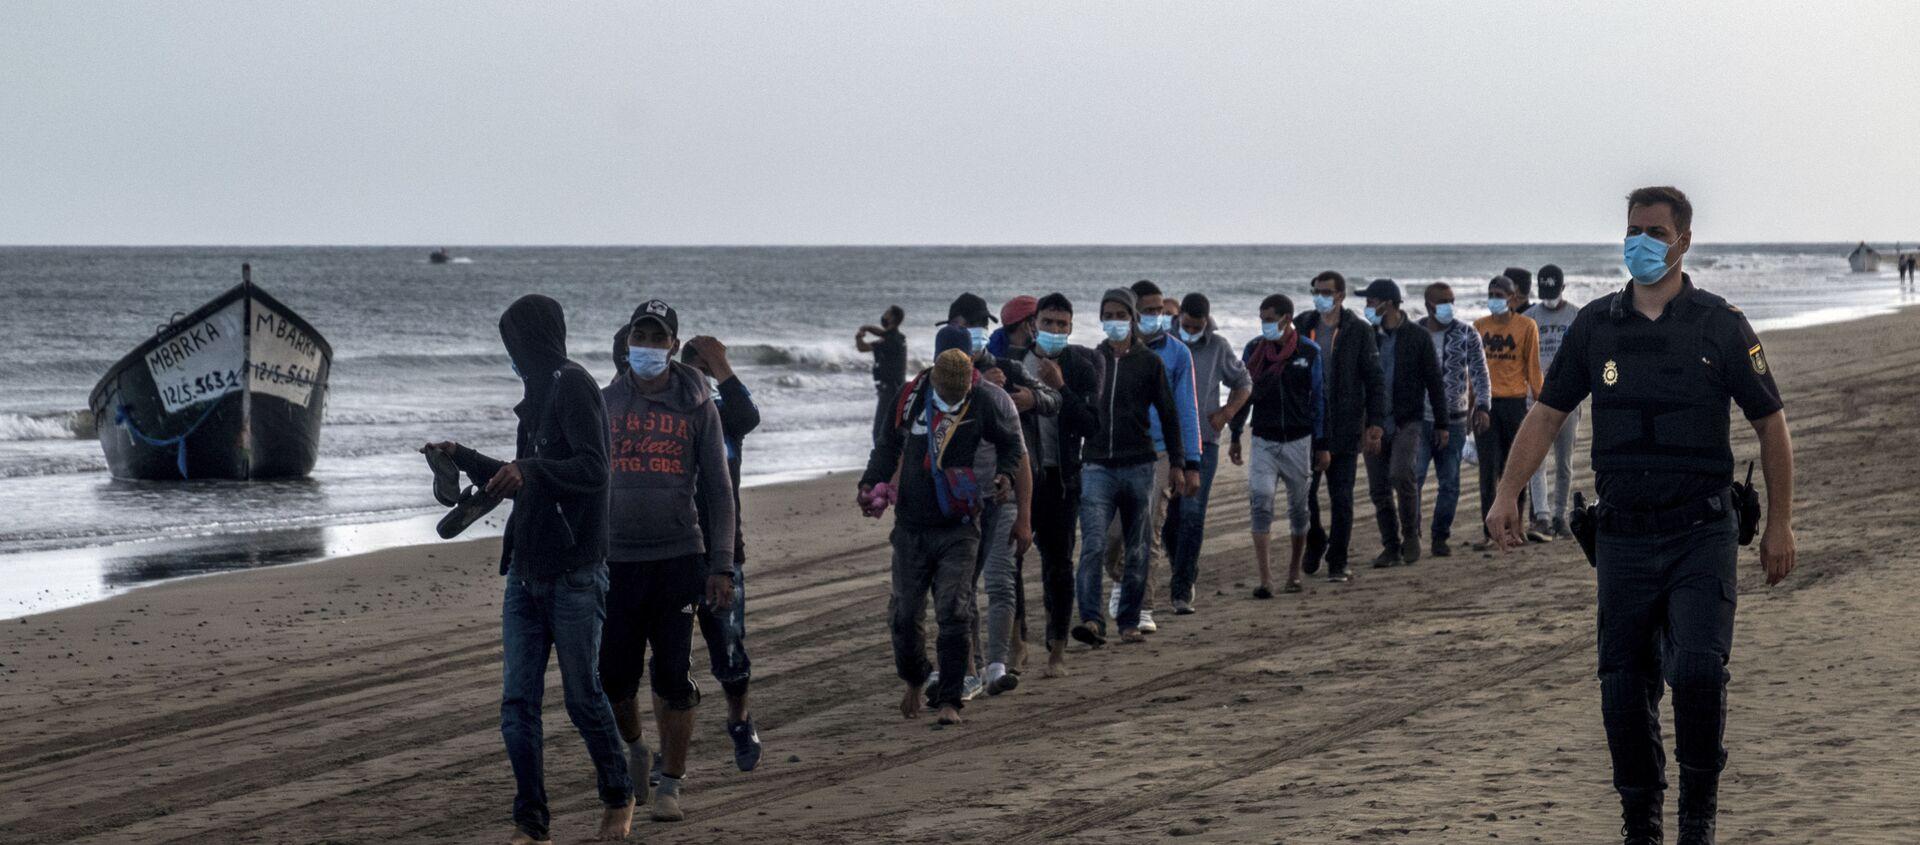 Migrantes de Marruecos caminan por la orilla escoltados por la Policía española tras llegar a la costa de Canarias - Sputnik Mundo, 1920, 19.01.2021